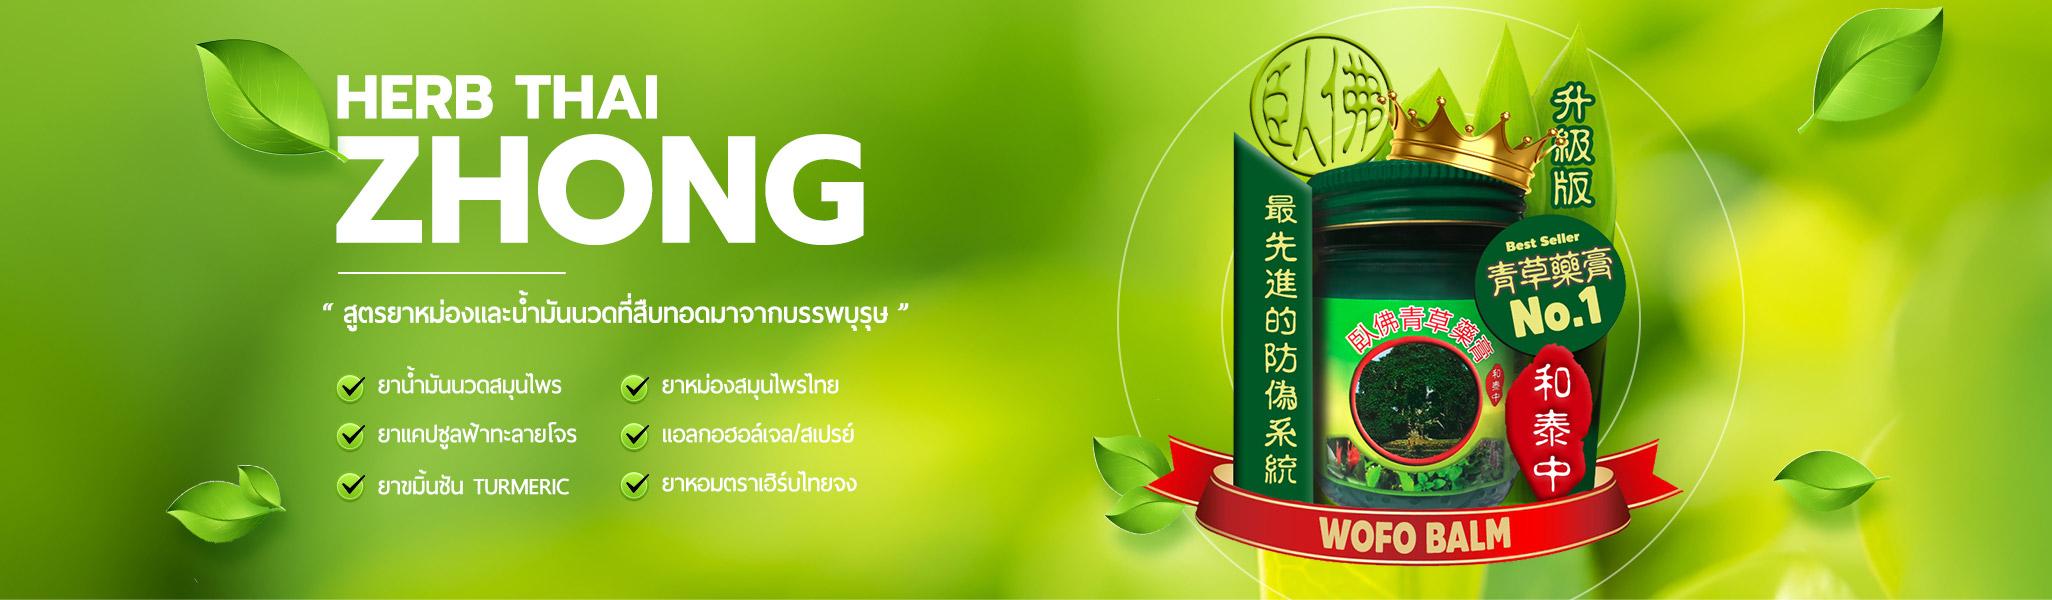 Herb Thai Zhong